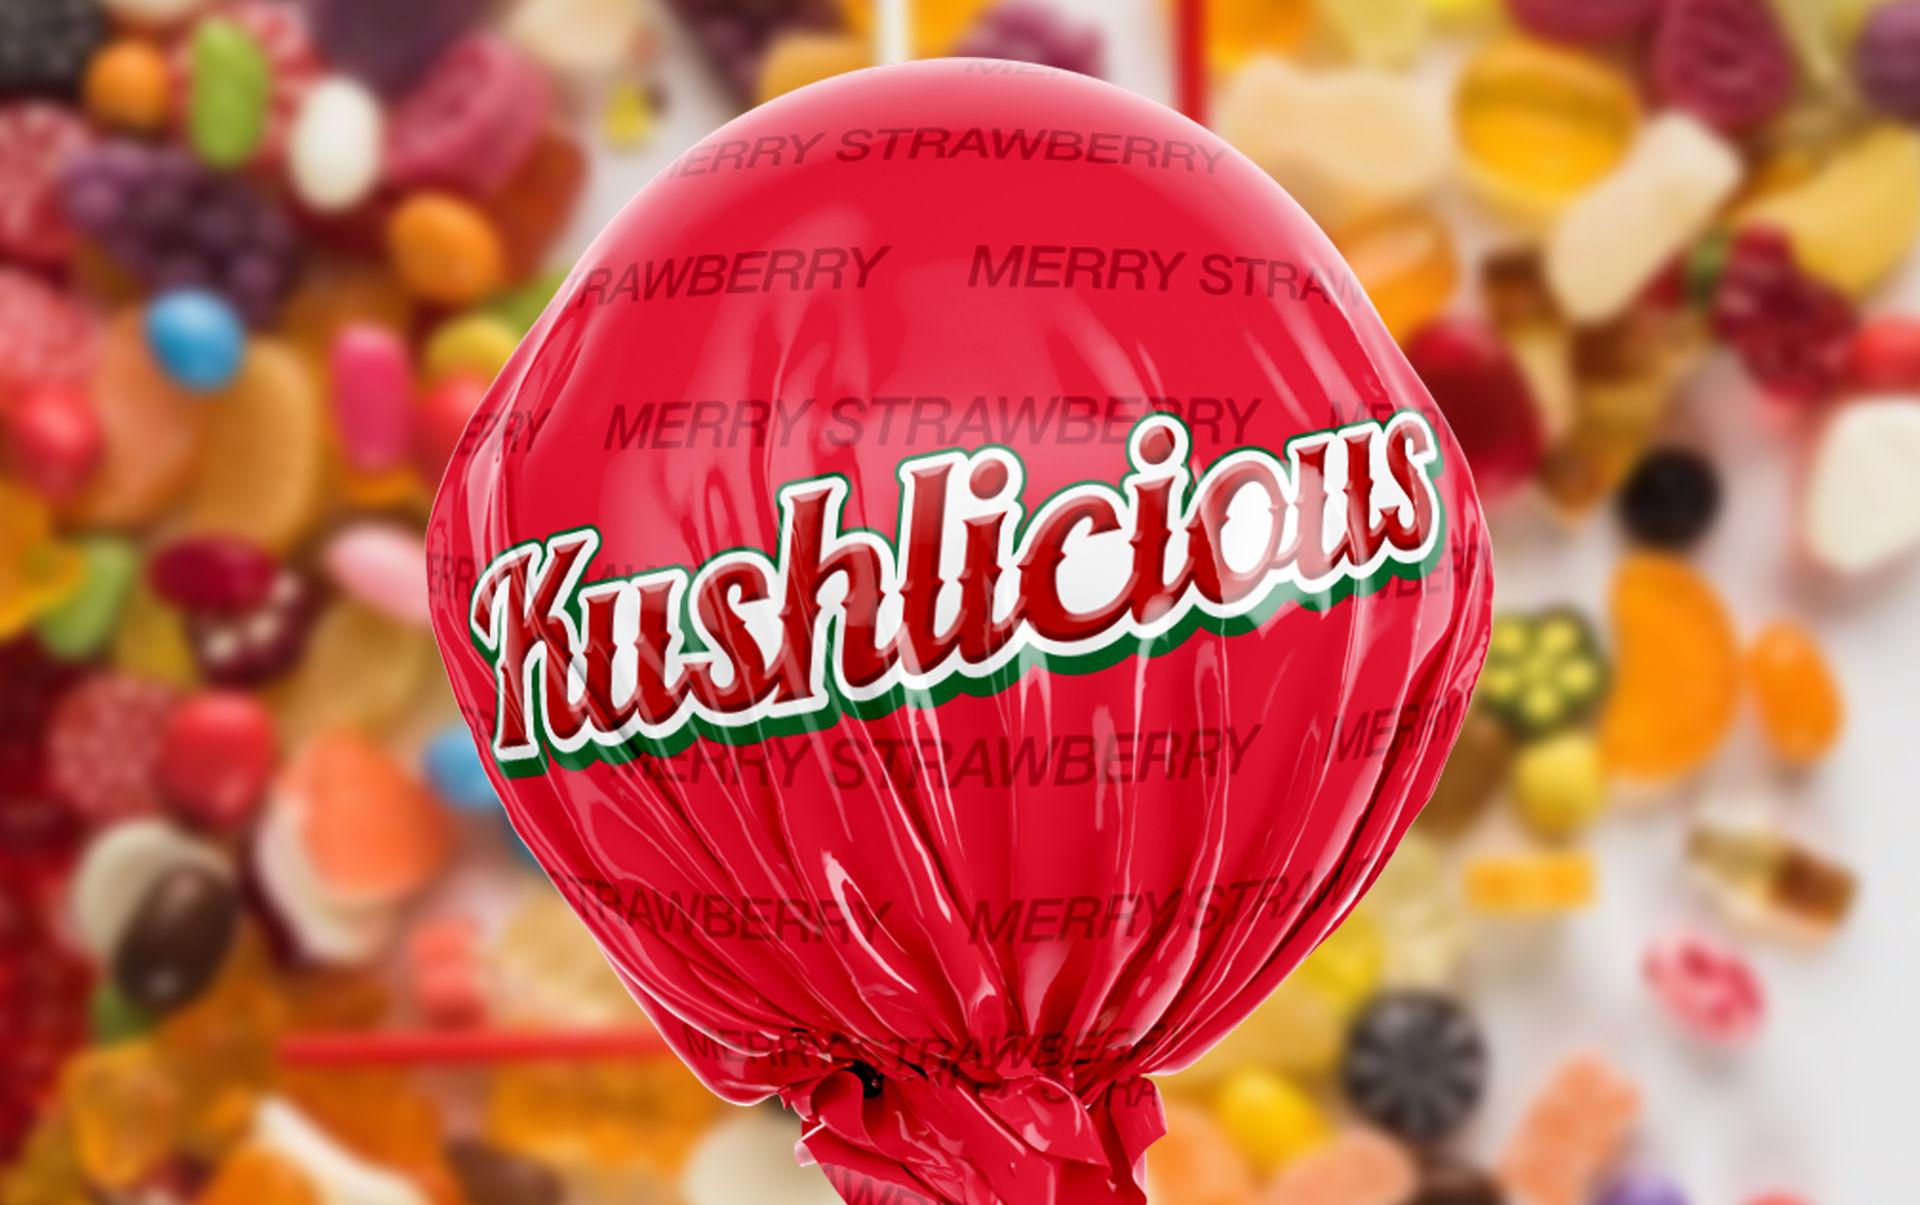 Kushlicious